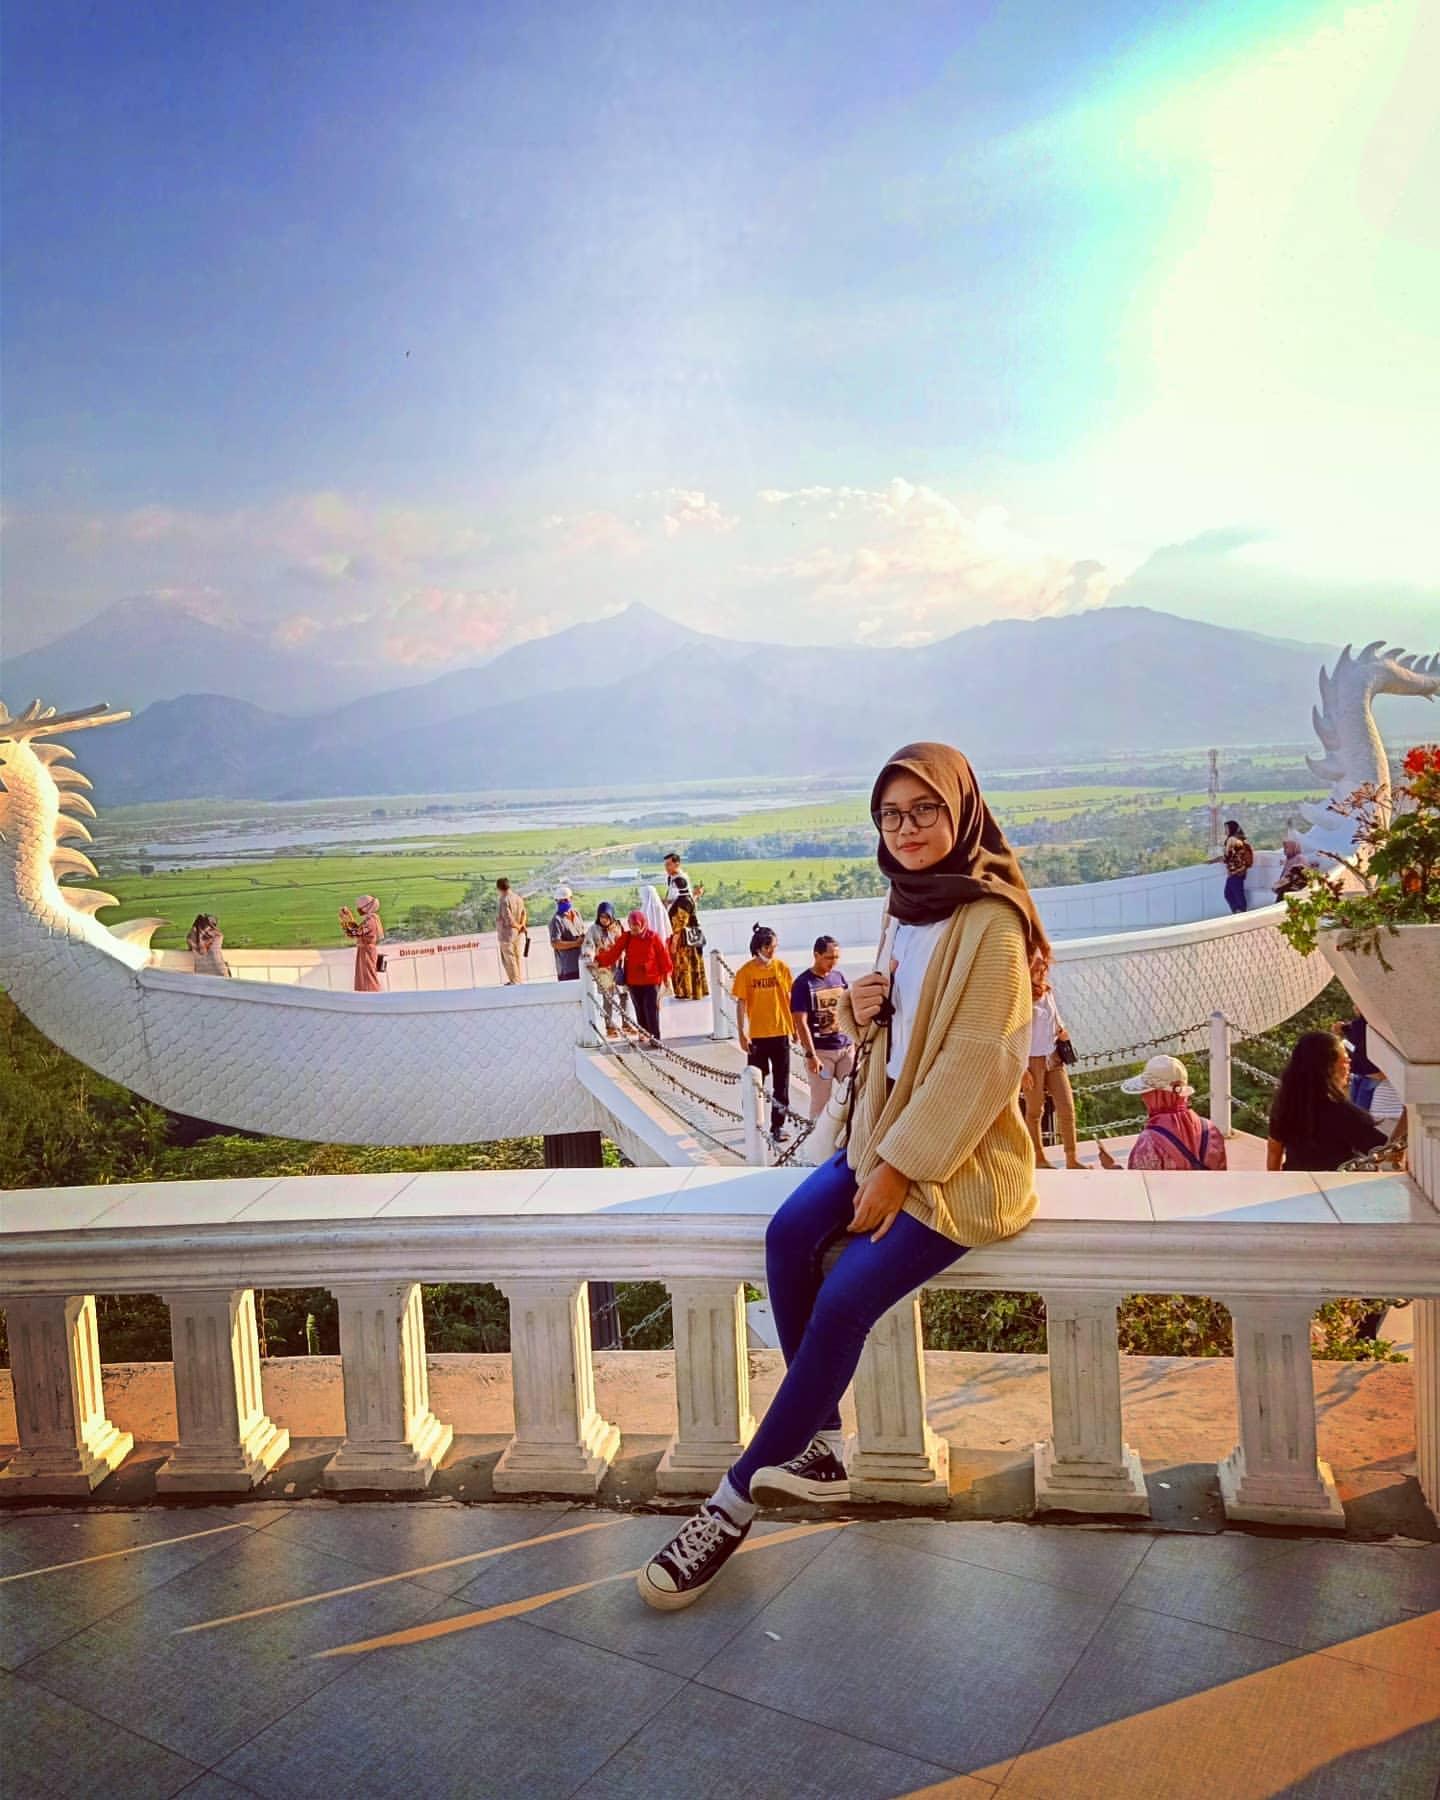 Pesona Eling Bening Semarang , Objek Wisata di Atas Awan yang Menawan